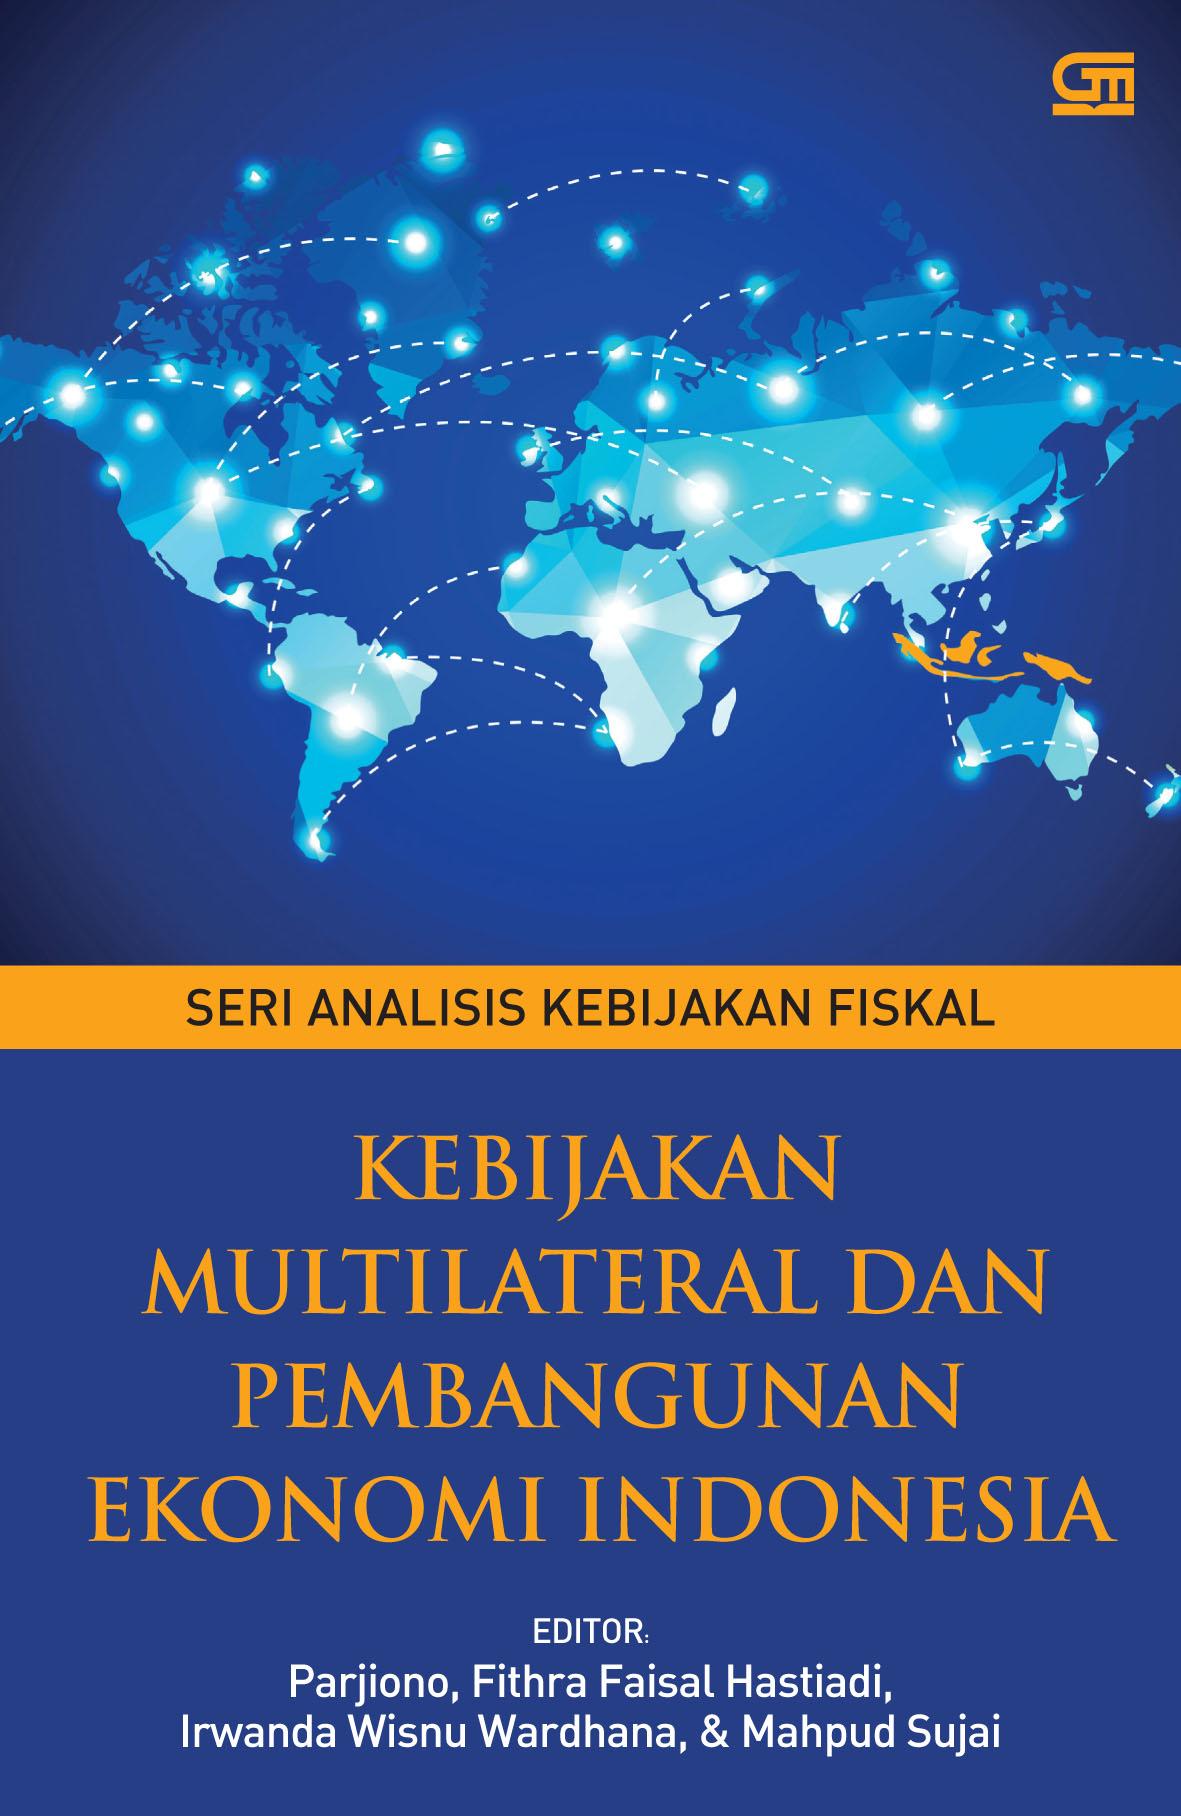 Kebijakan Multilateral dan Pembangunan Ekonomi Indonesia